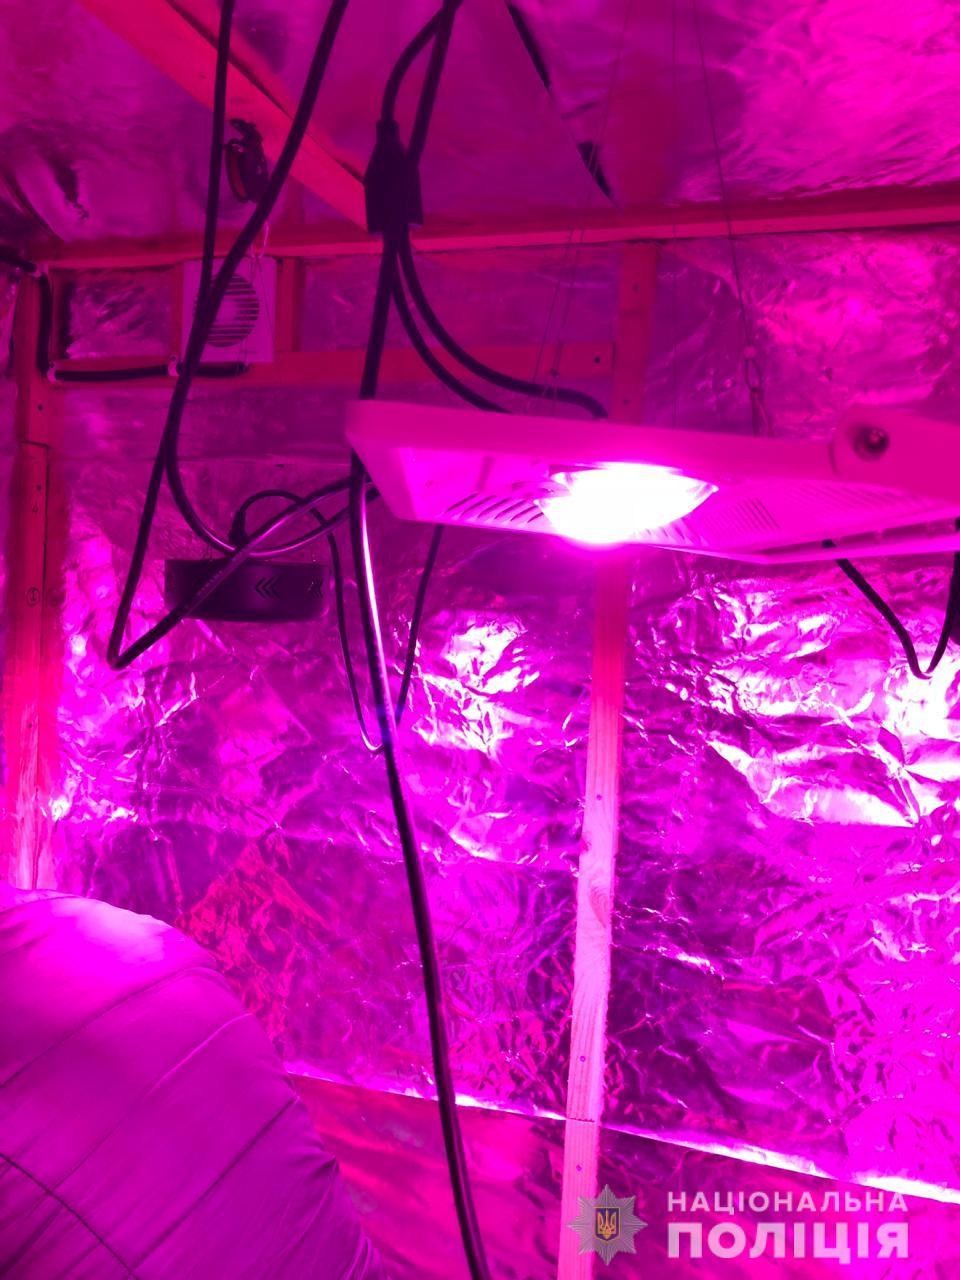 В Болграде изъяли более 40 кило марихуаны - аграрий растил коноплю в настоящей нарколаборатории